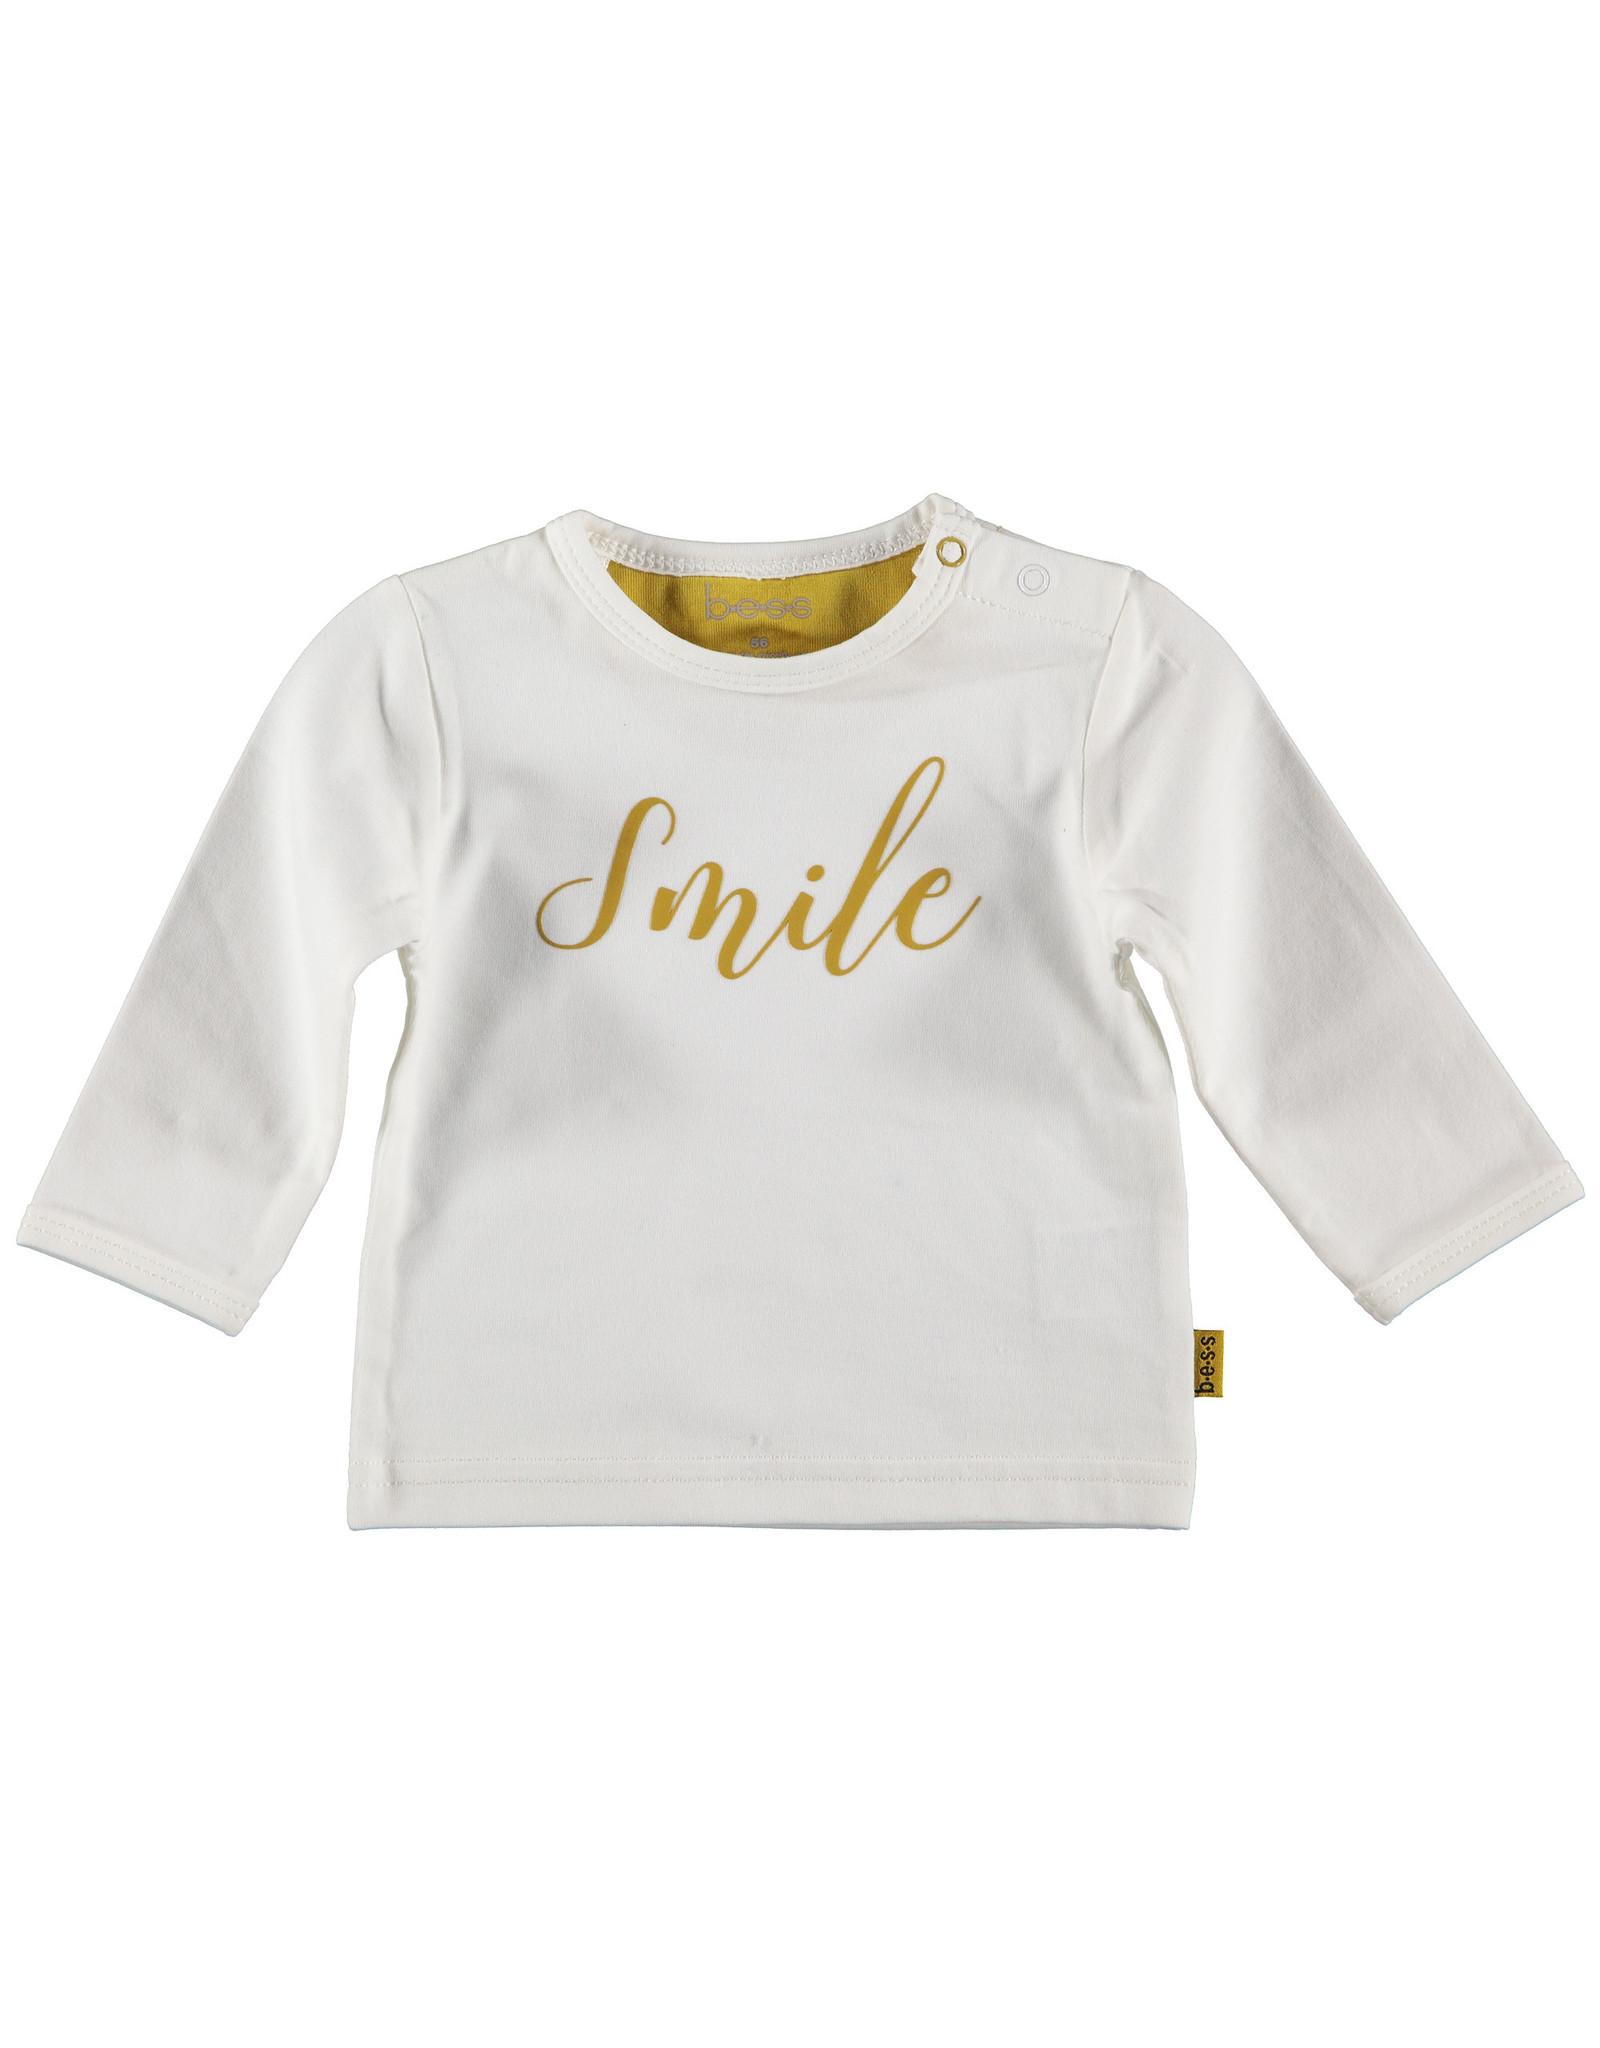 B.E.S.S shirt lange mouw smile